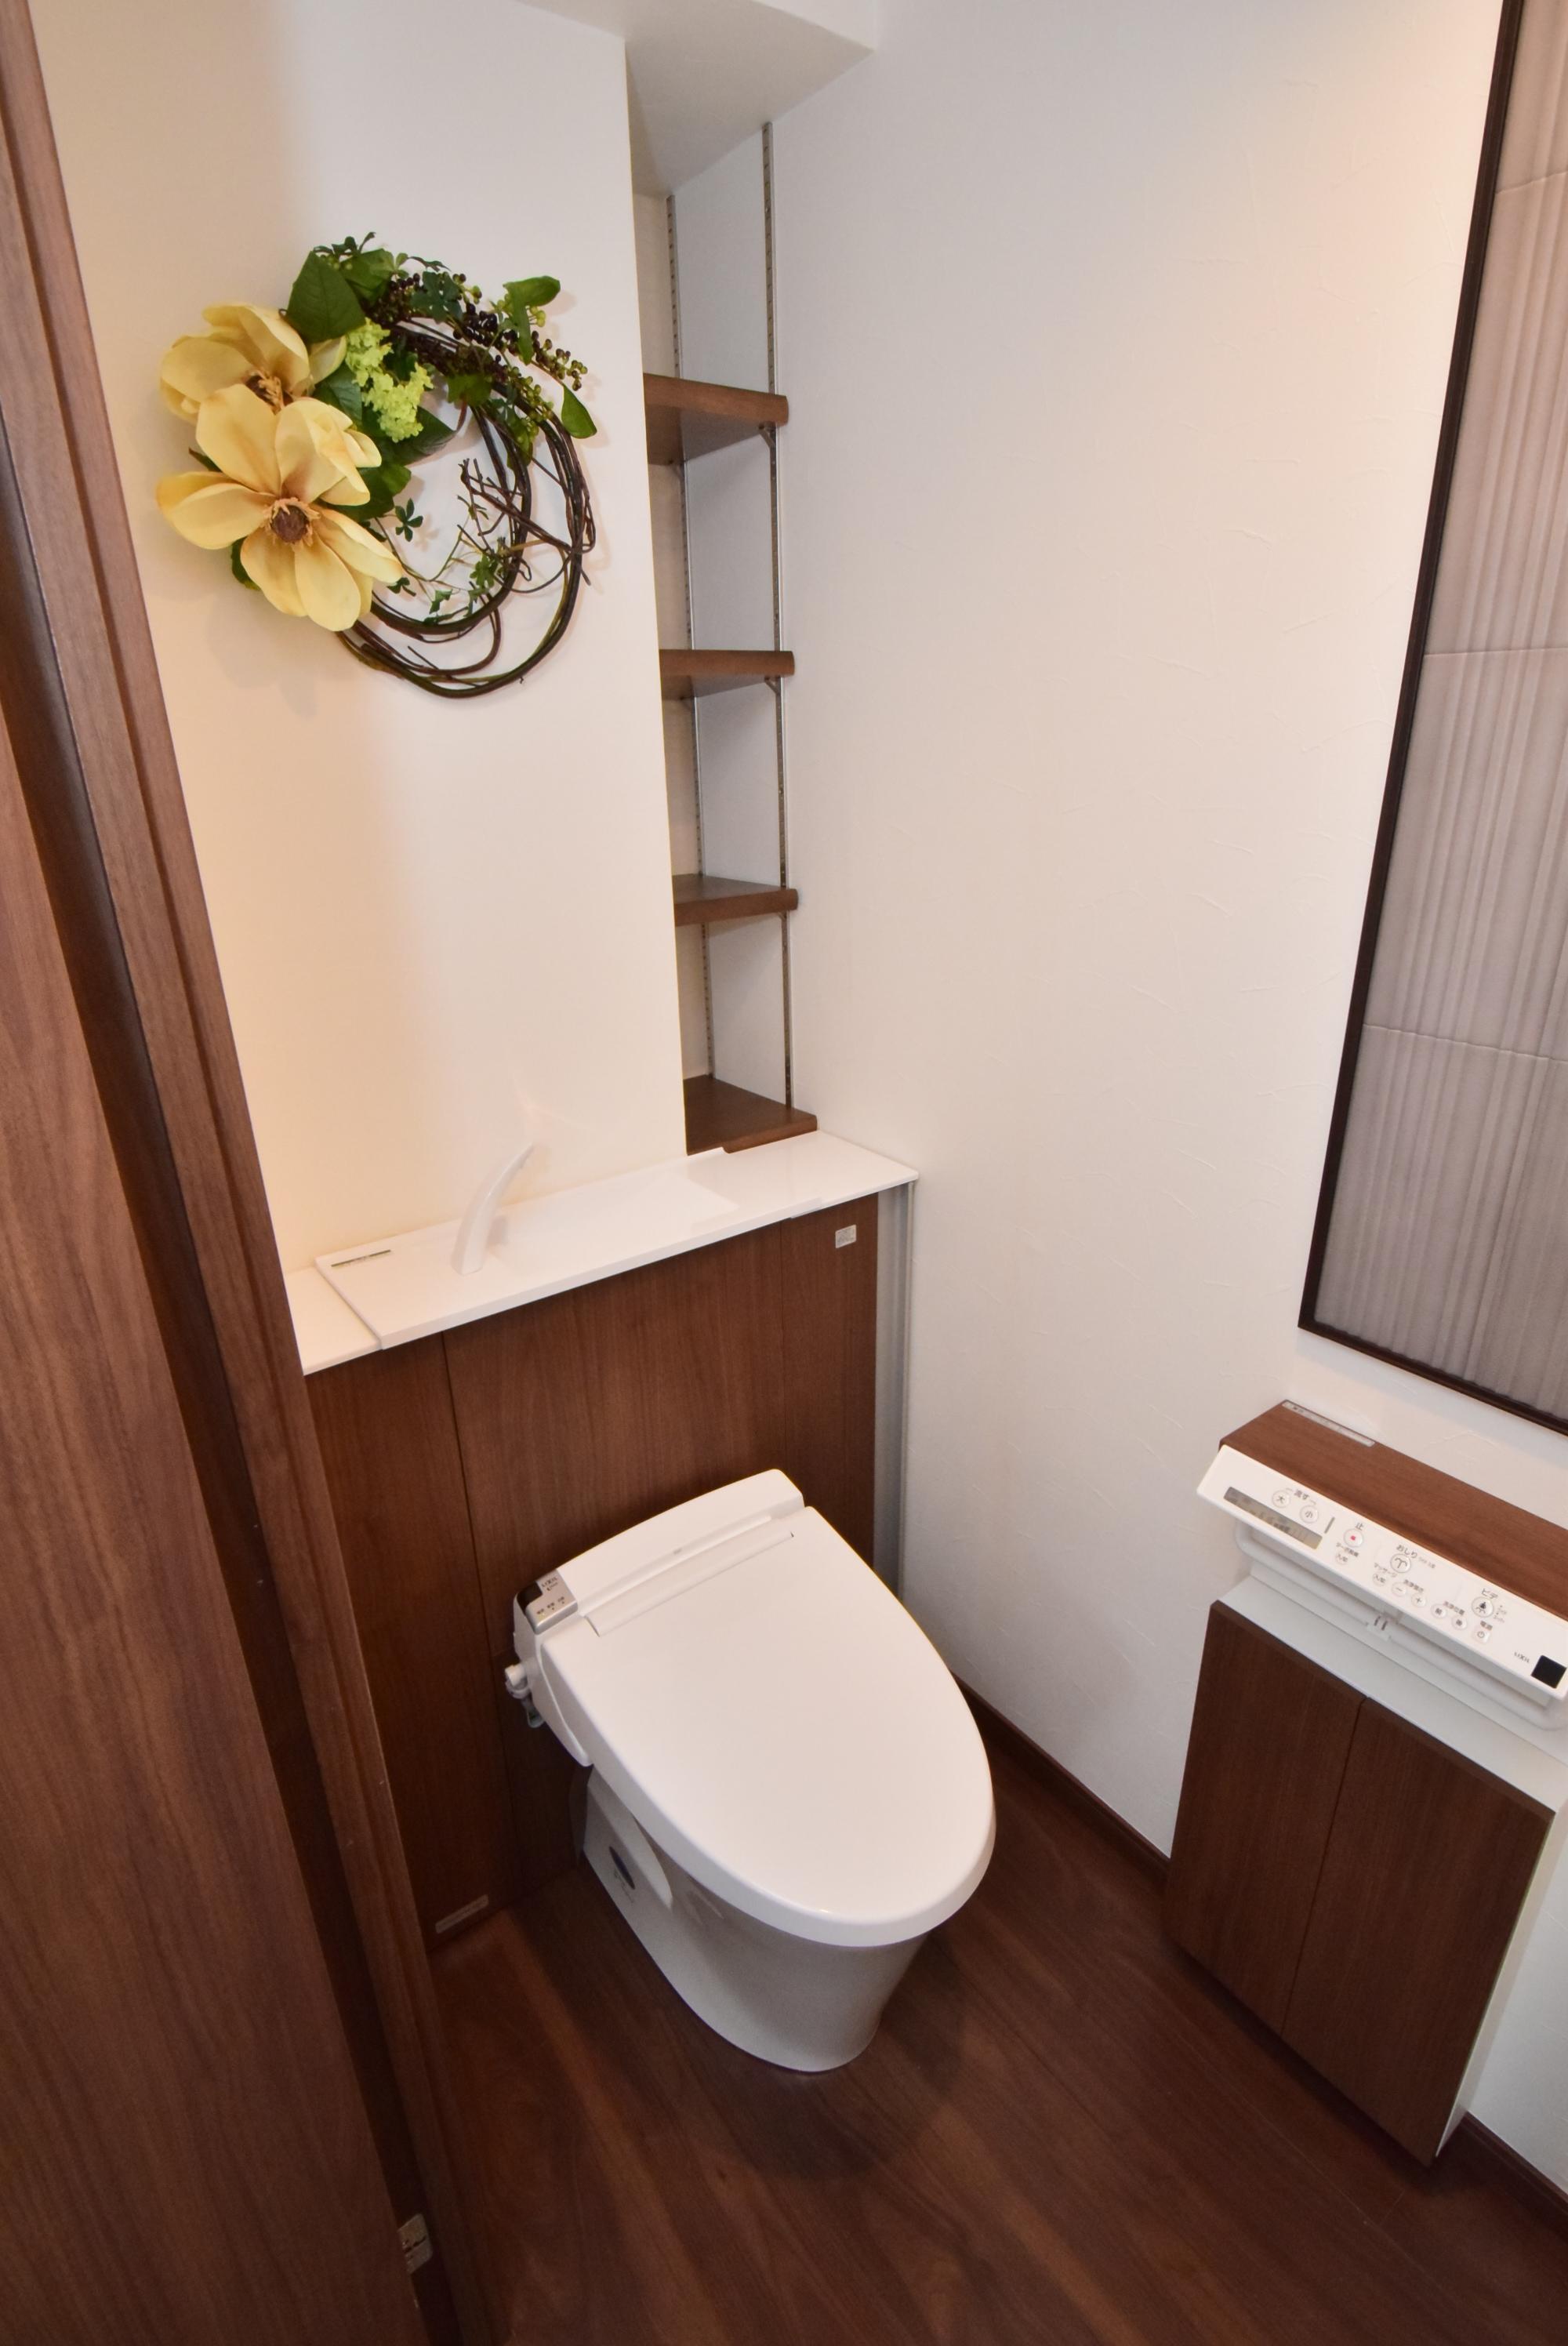 デットスペースをなくすリノベーションの部屋 タンク薄型トイレで広々した空間